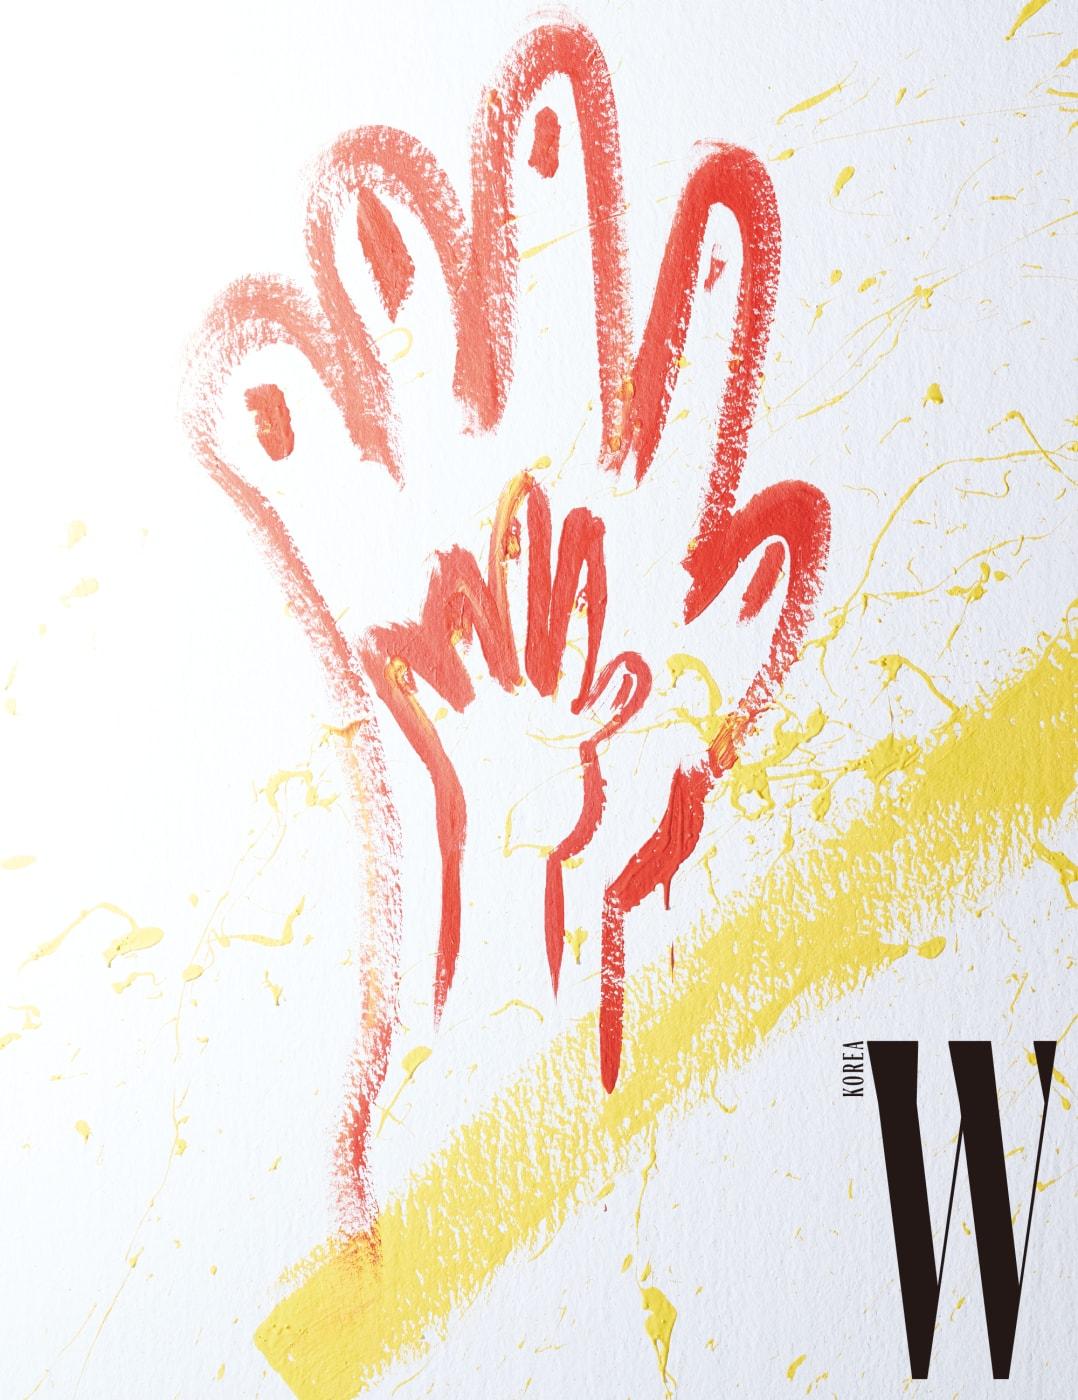 화보 촬영 중에 스튜디오 벽면에 라이브 페인팅으로 그린 그림.